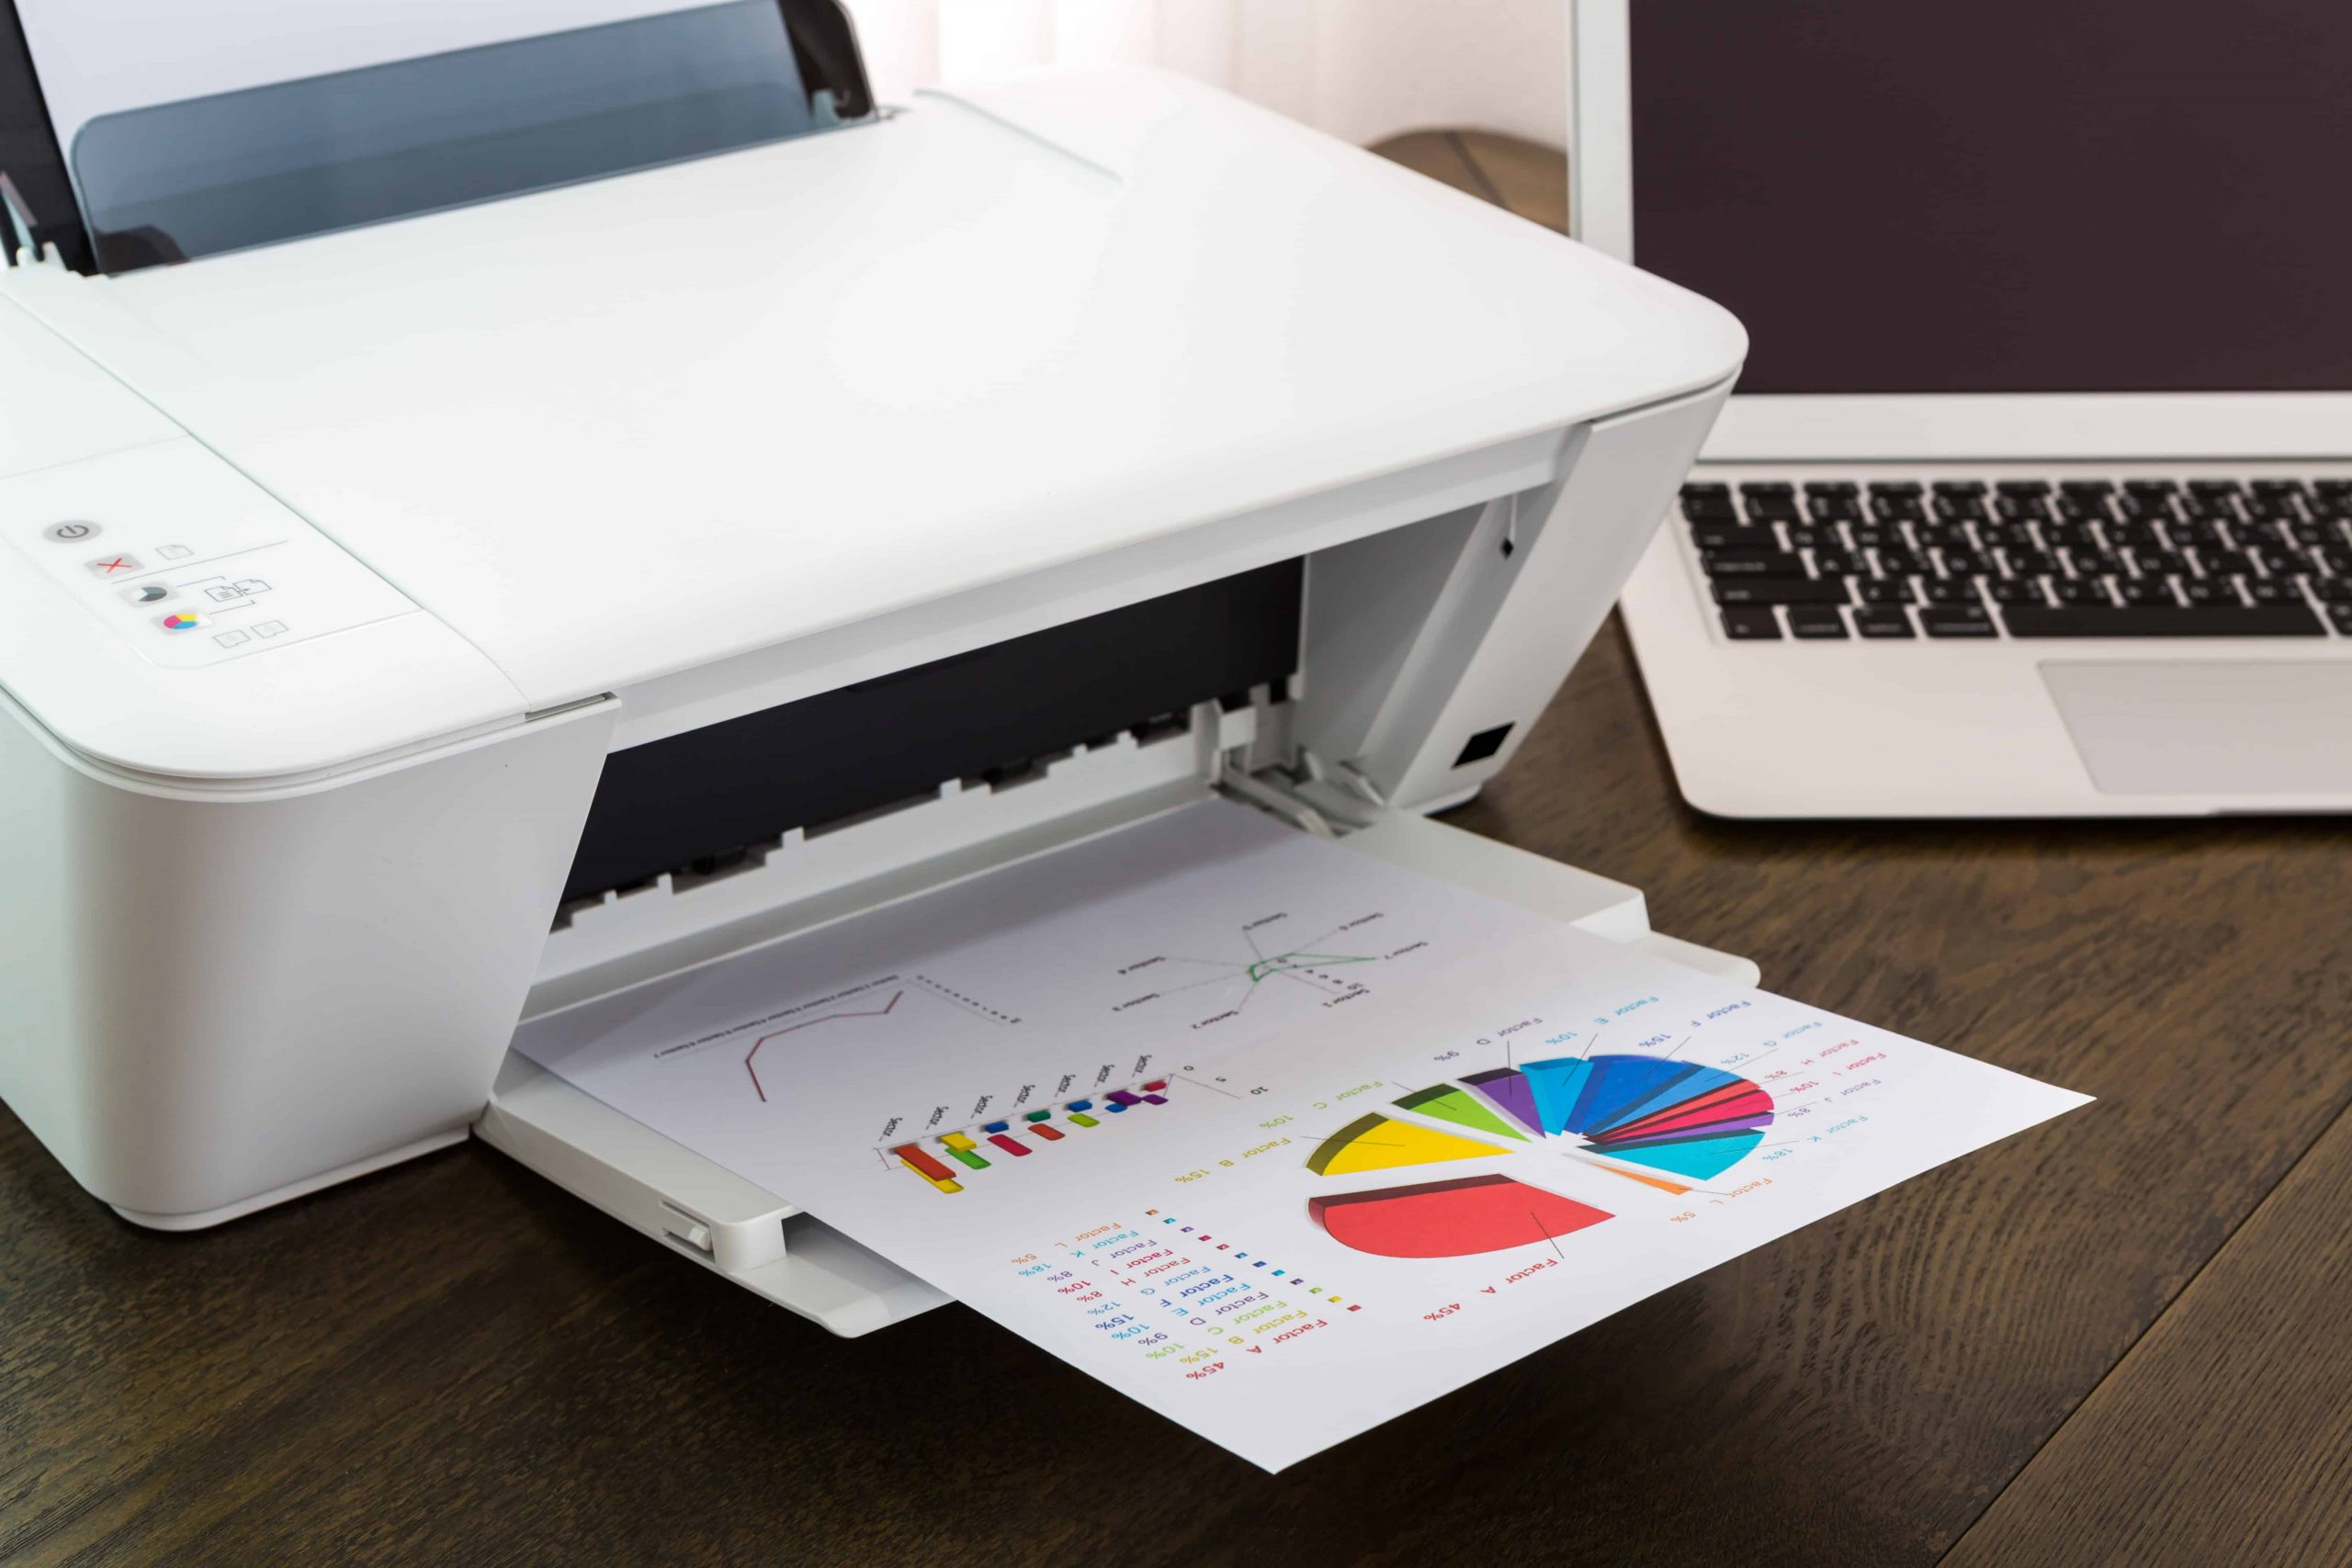 Impresora matricial: ¿Cuál es la mejor del 2020?